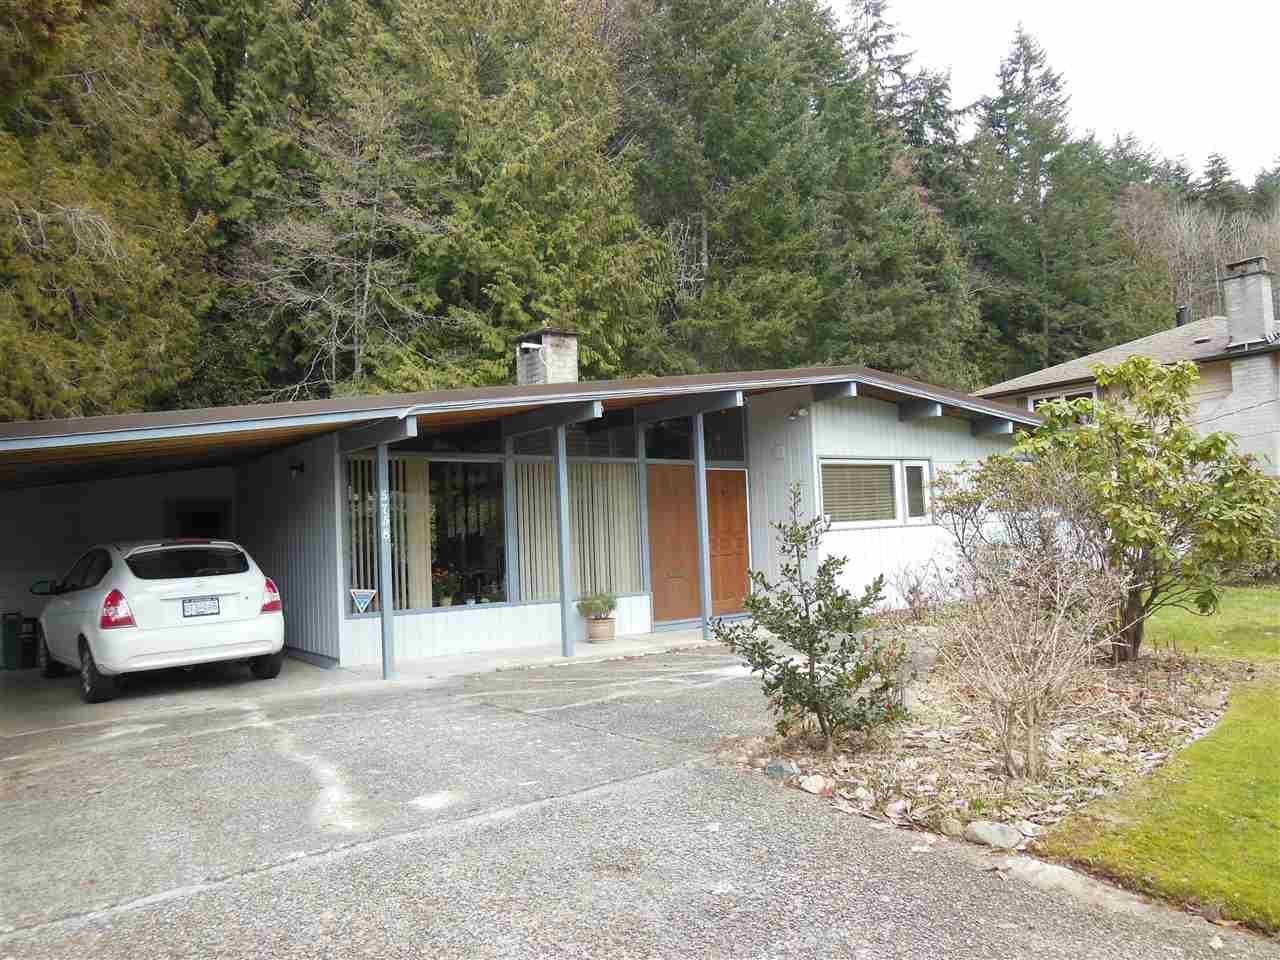 R2141915 - 5758 CRANLEY DRIVE, Eagle Harbour, West Vancouver, BC - House/Single Family